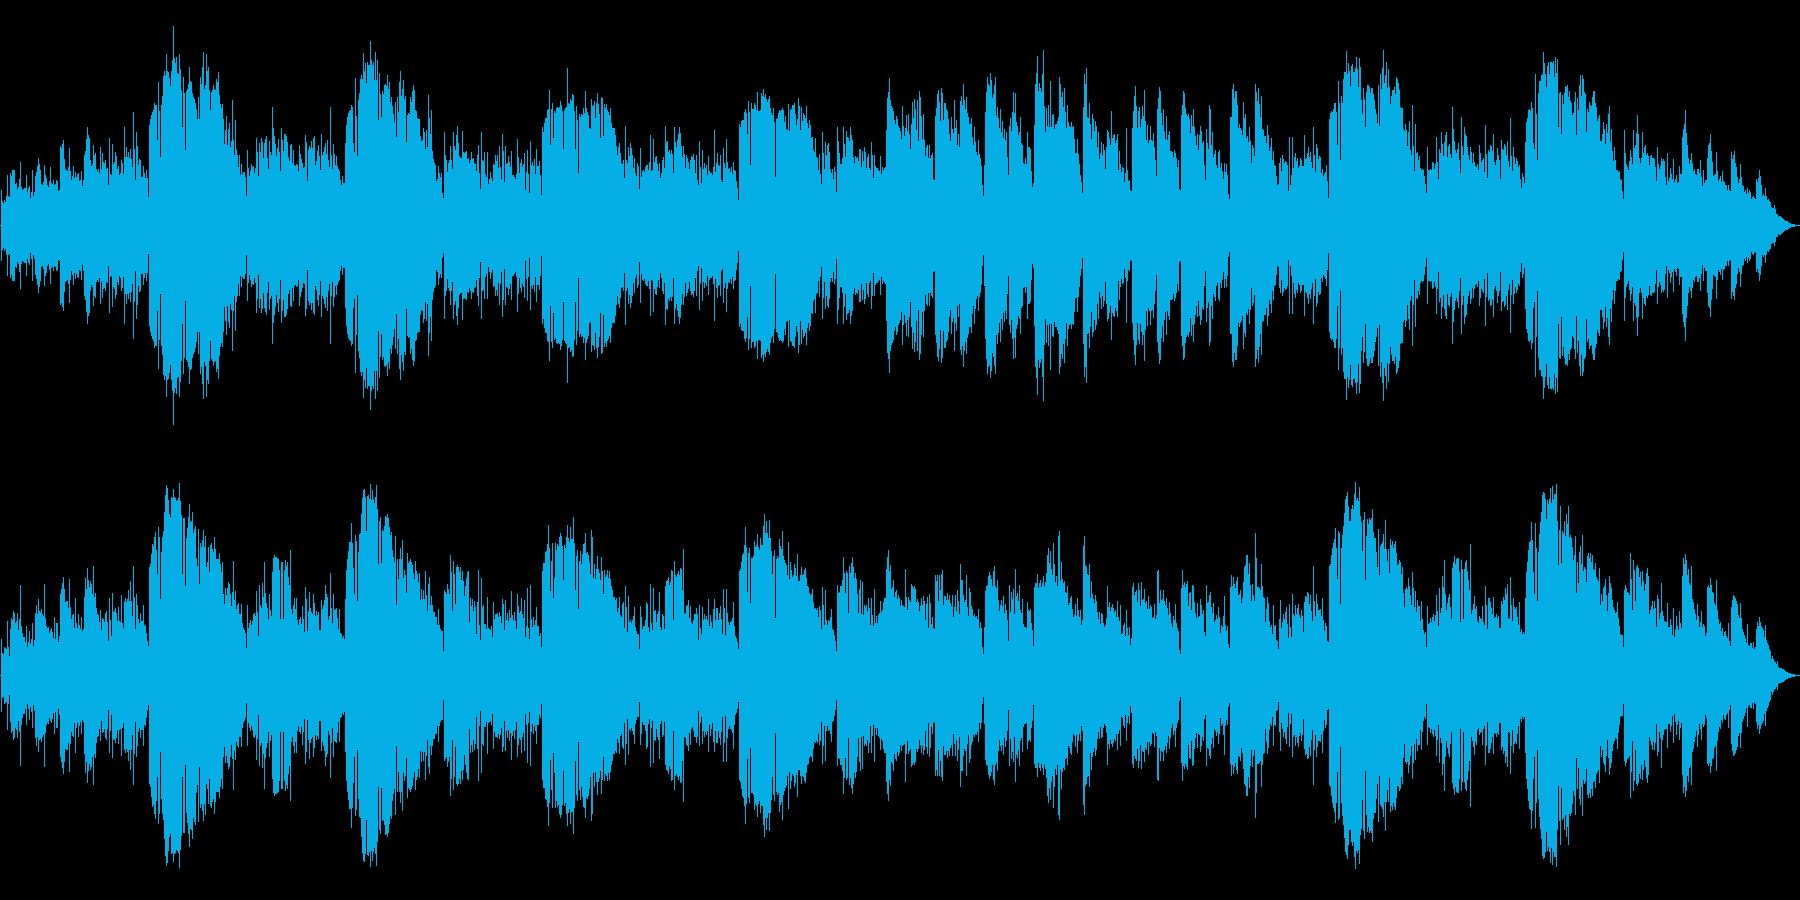 心を落ち着かせる環境音楽の再生済みの波形